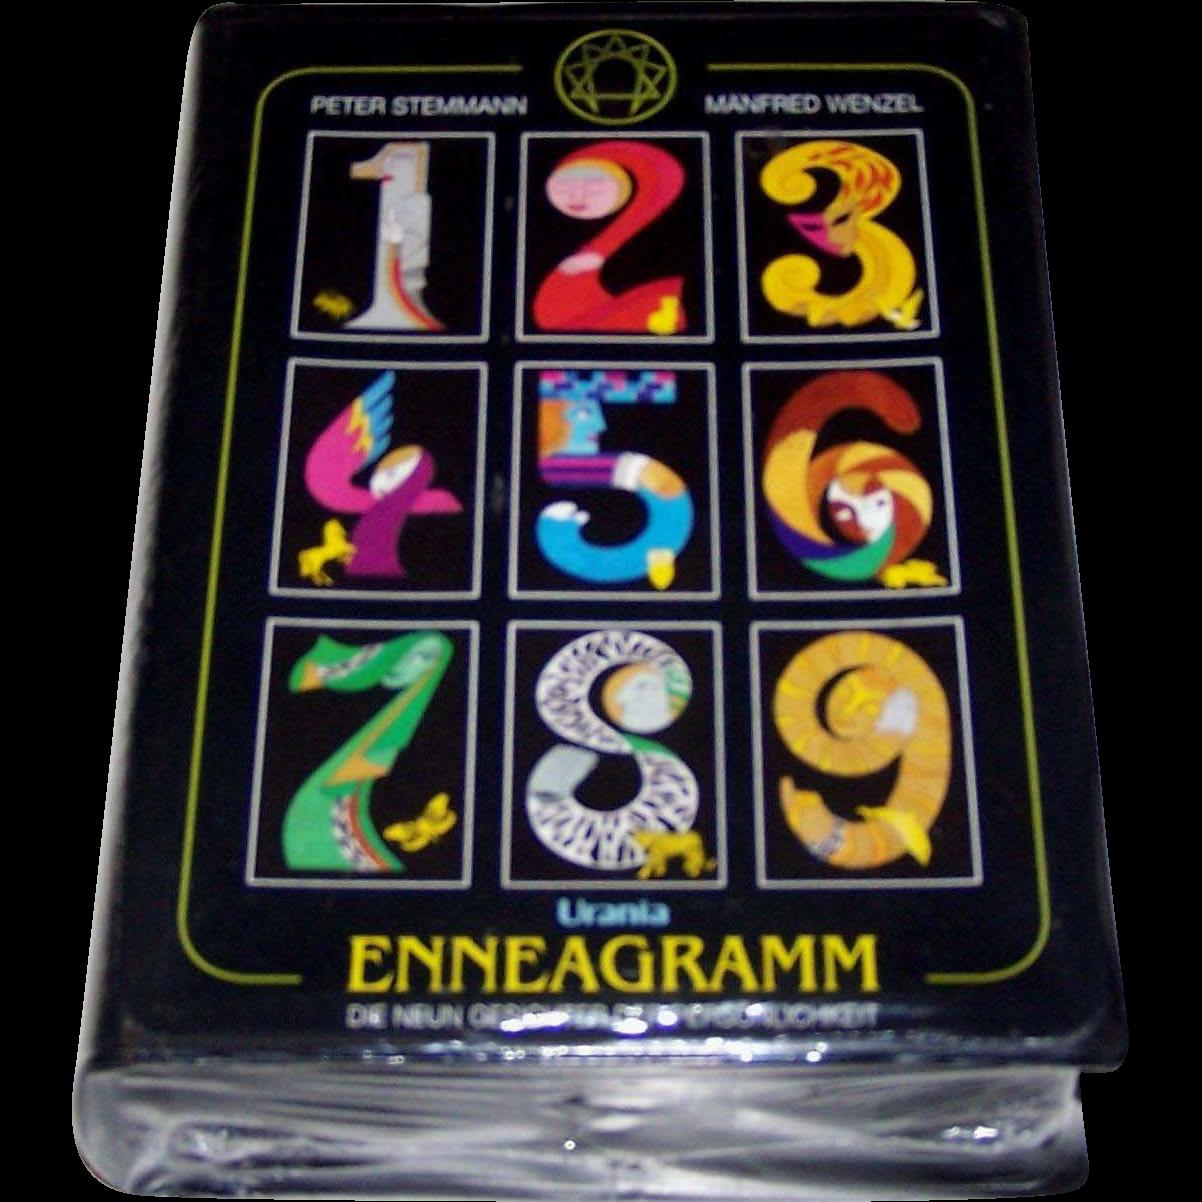 """Urania """"Enneagramm"""" (""""Enneagram"""") Set, """"Die Neun Gesichter der Personlichkeit"""" (""""The Nine Faces of Personality""""), Cards and Handbook, 1999"""